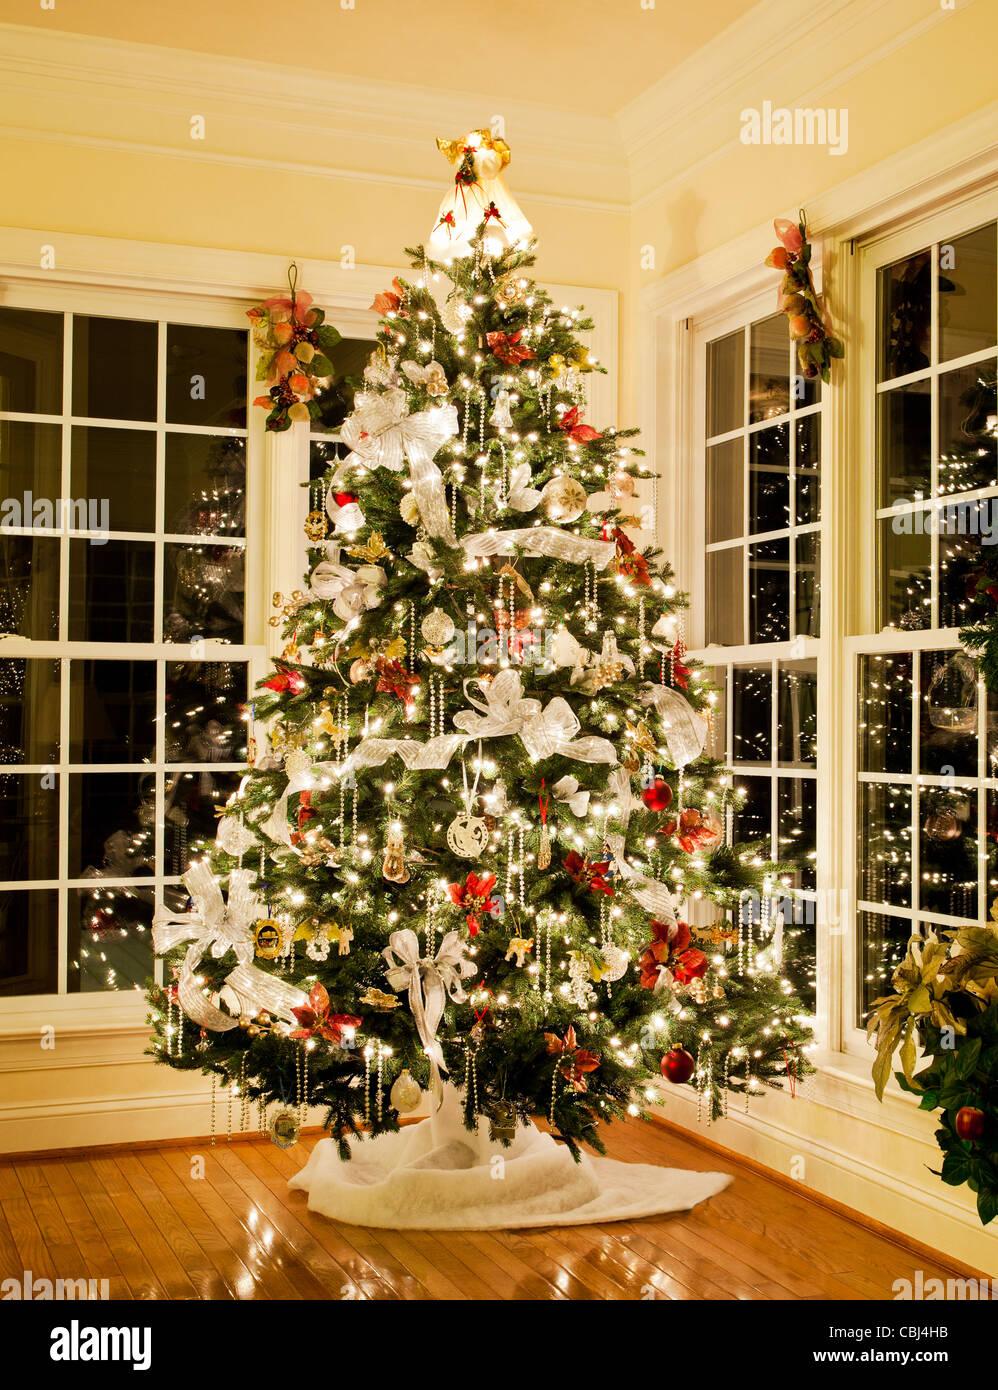 Decorar El Arbol Con Cintas.Arbol De Navidad Decorado Con Plata Y Cintas Blancas Y